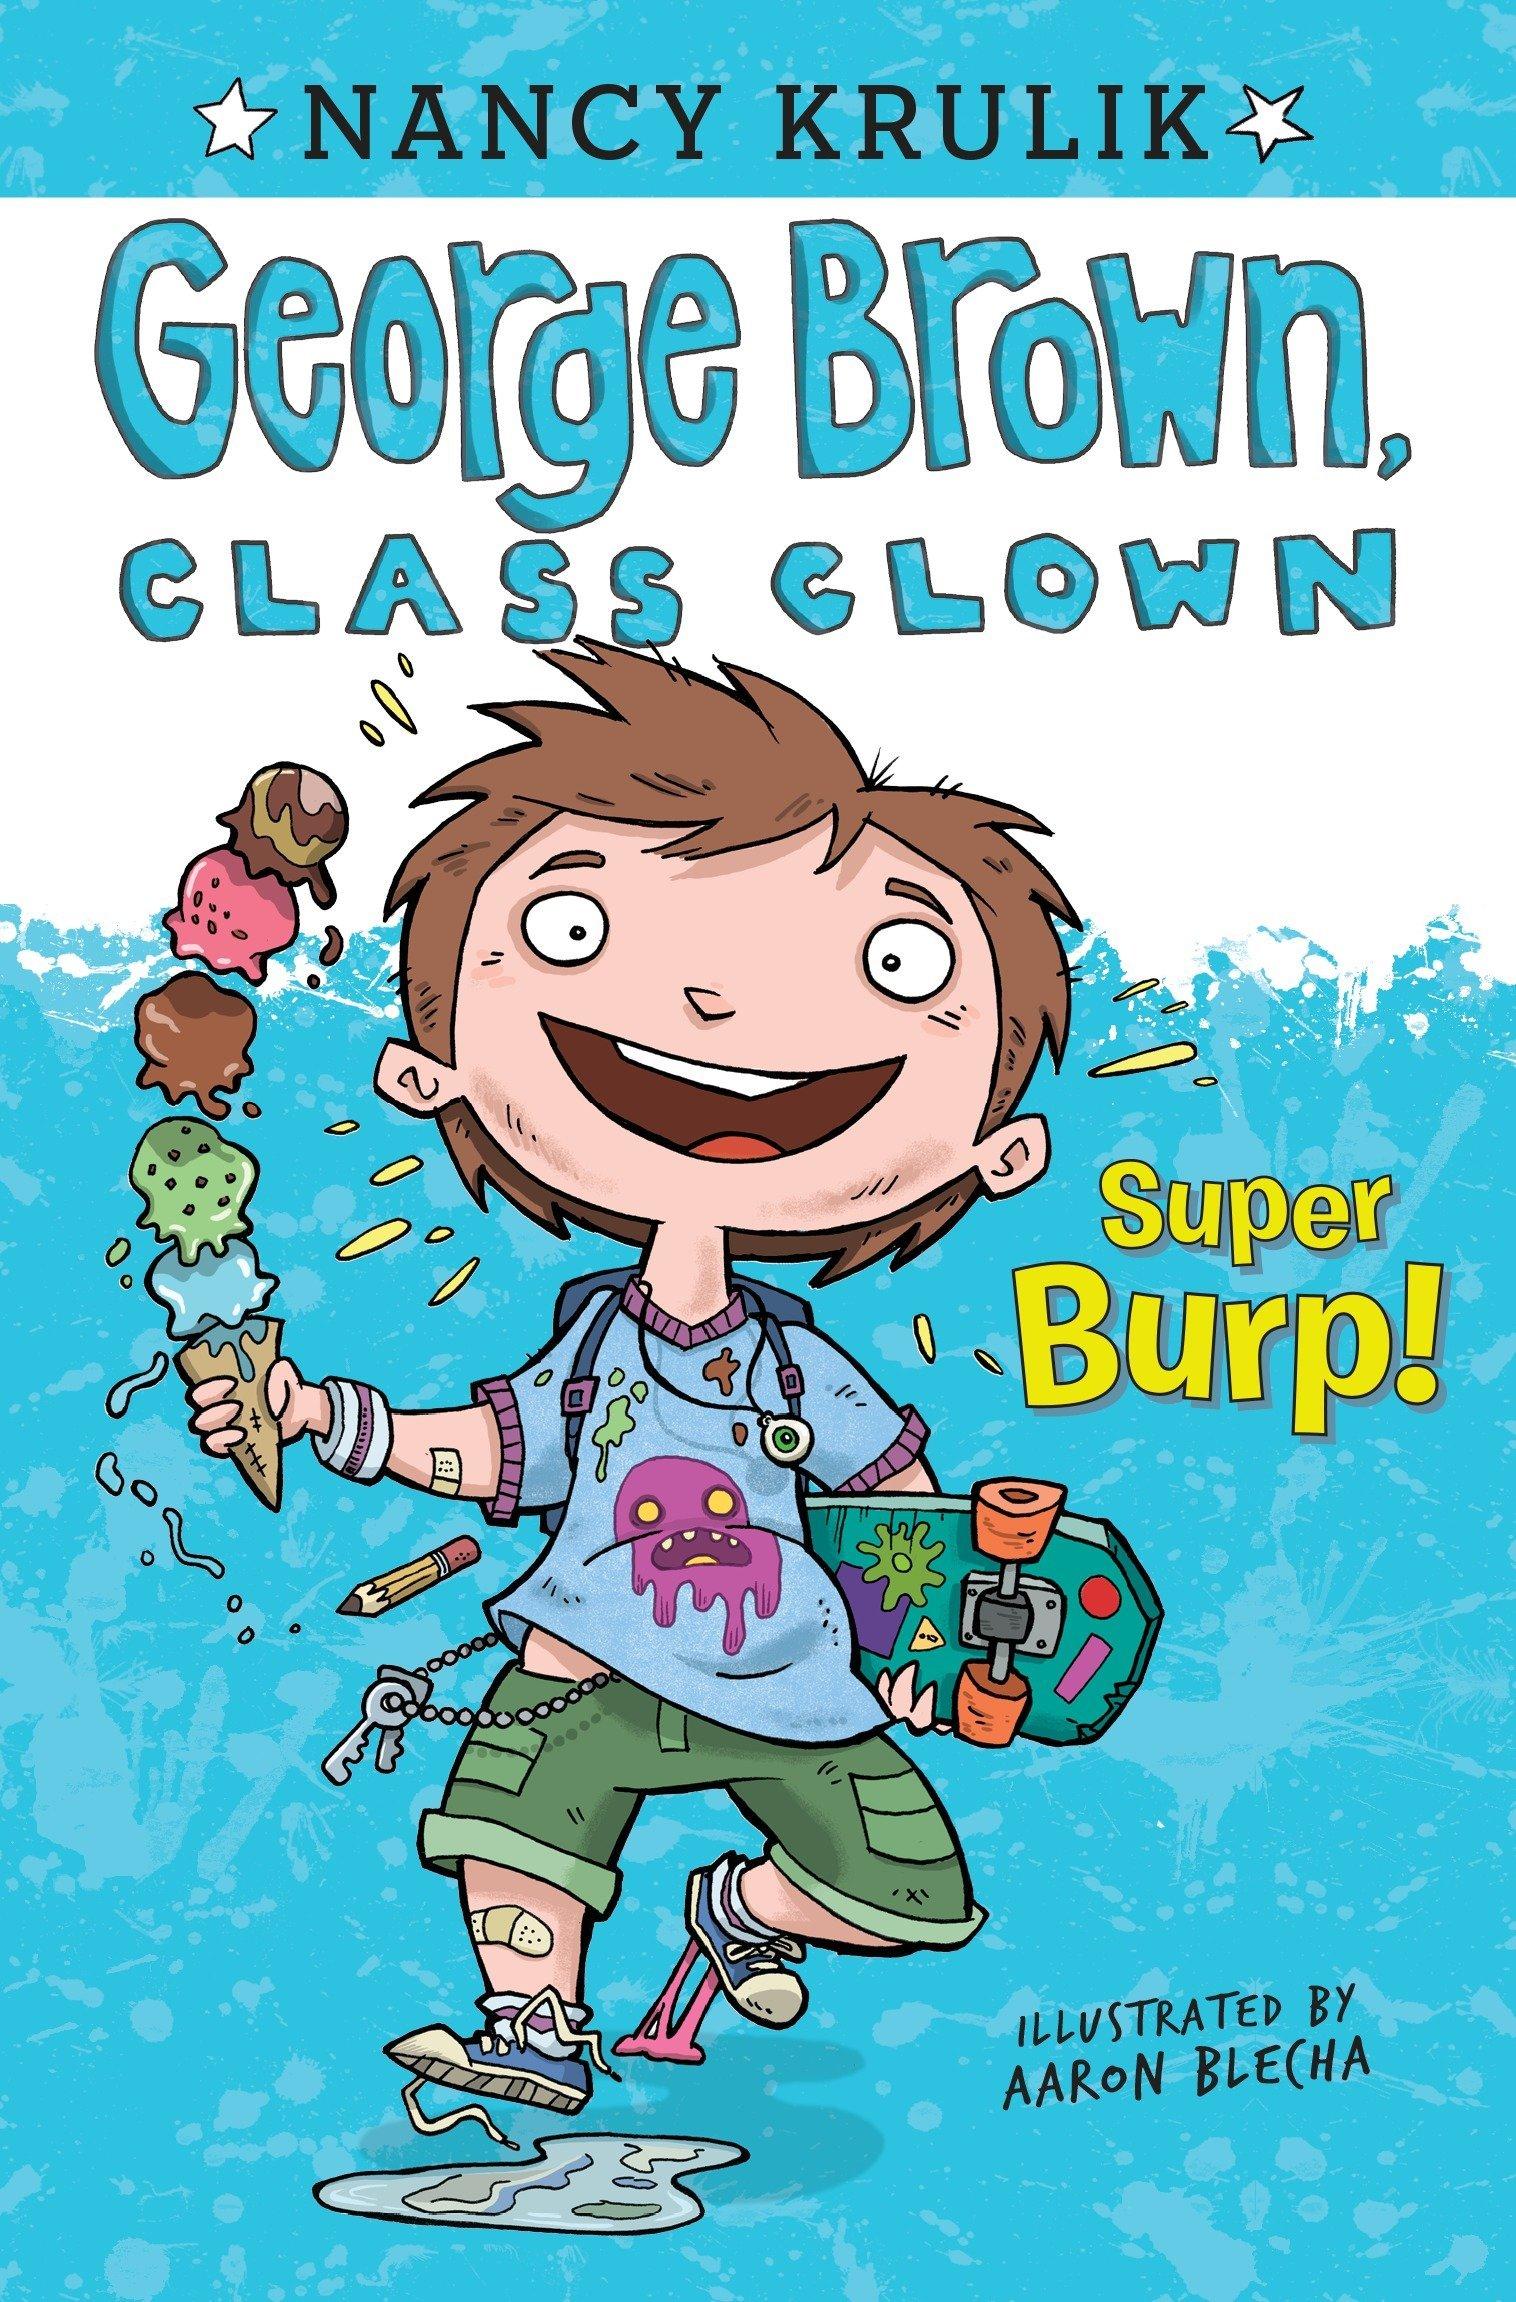 Download Super Burp! #1 (George Brown, Class Clown) ebook